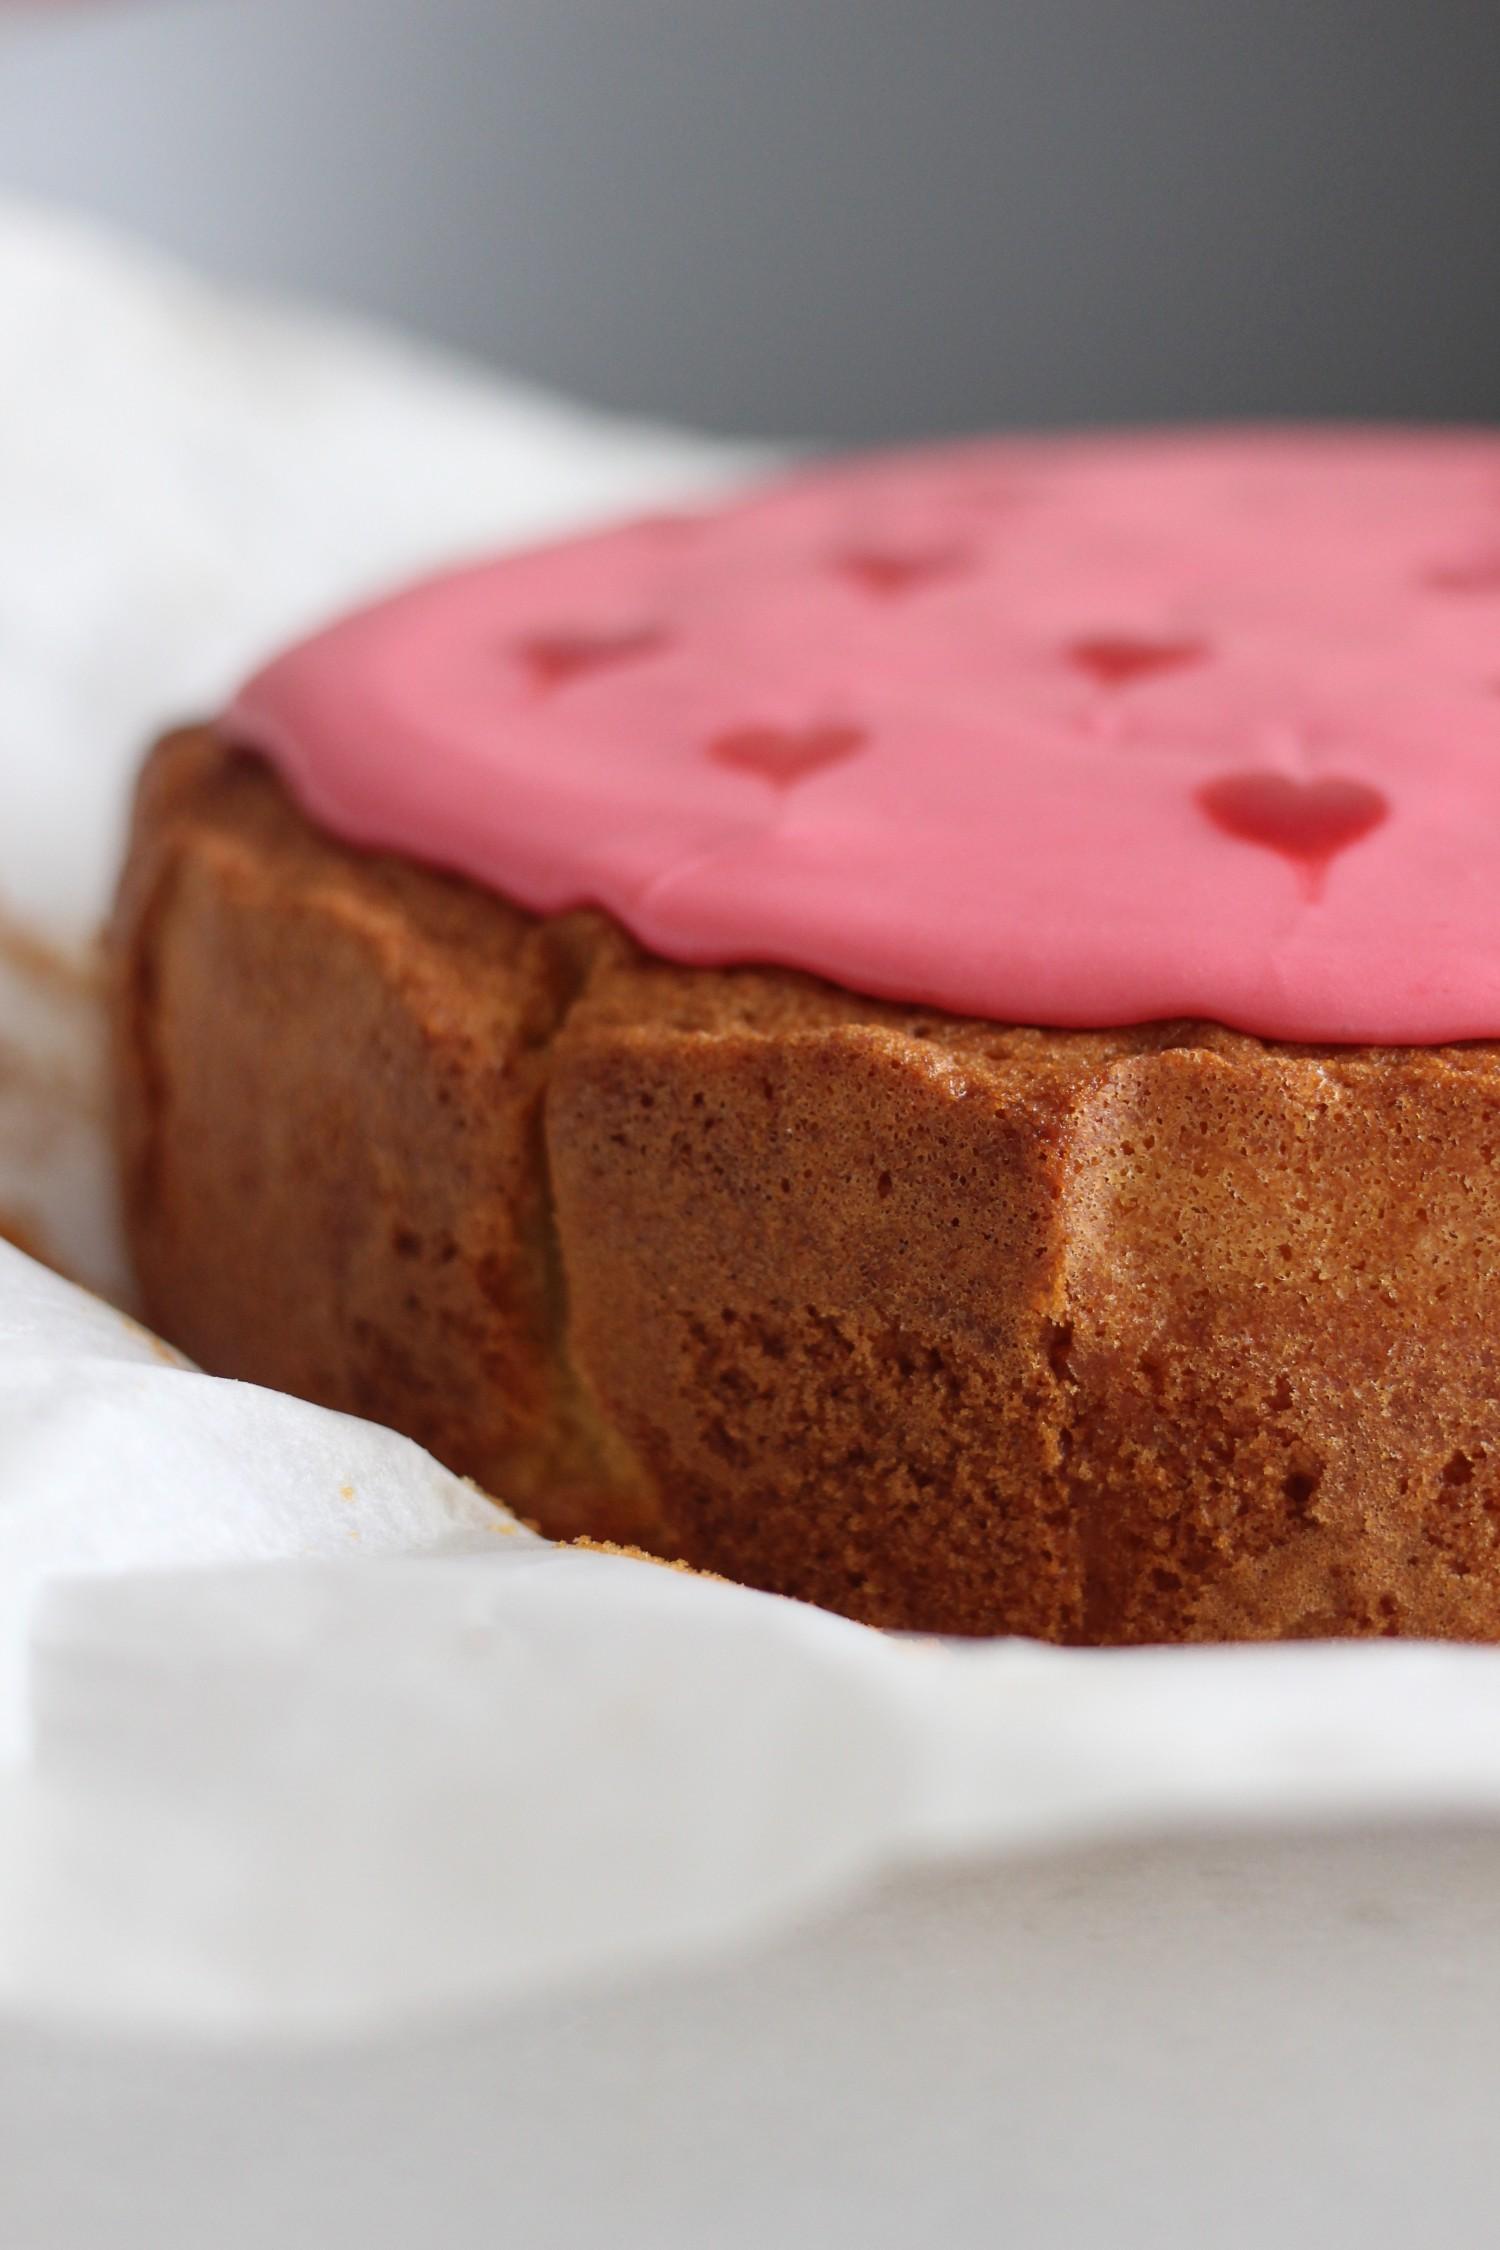 sponge-cake-appelsin8